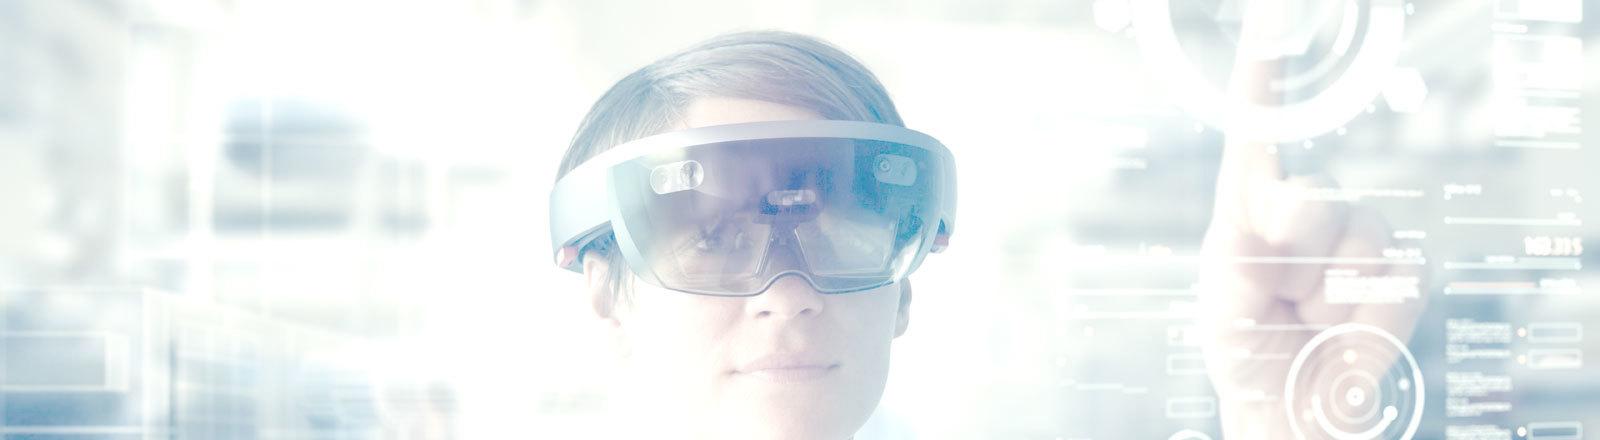 Frau trägt VR-Brille und tippt auf transparenten Bildschirm.